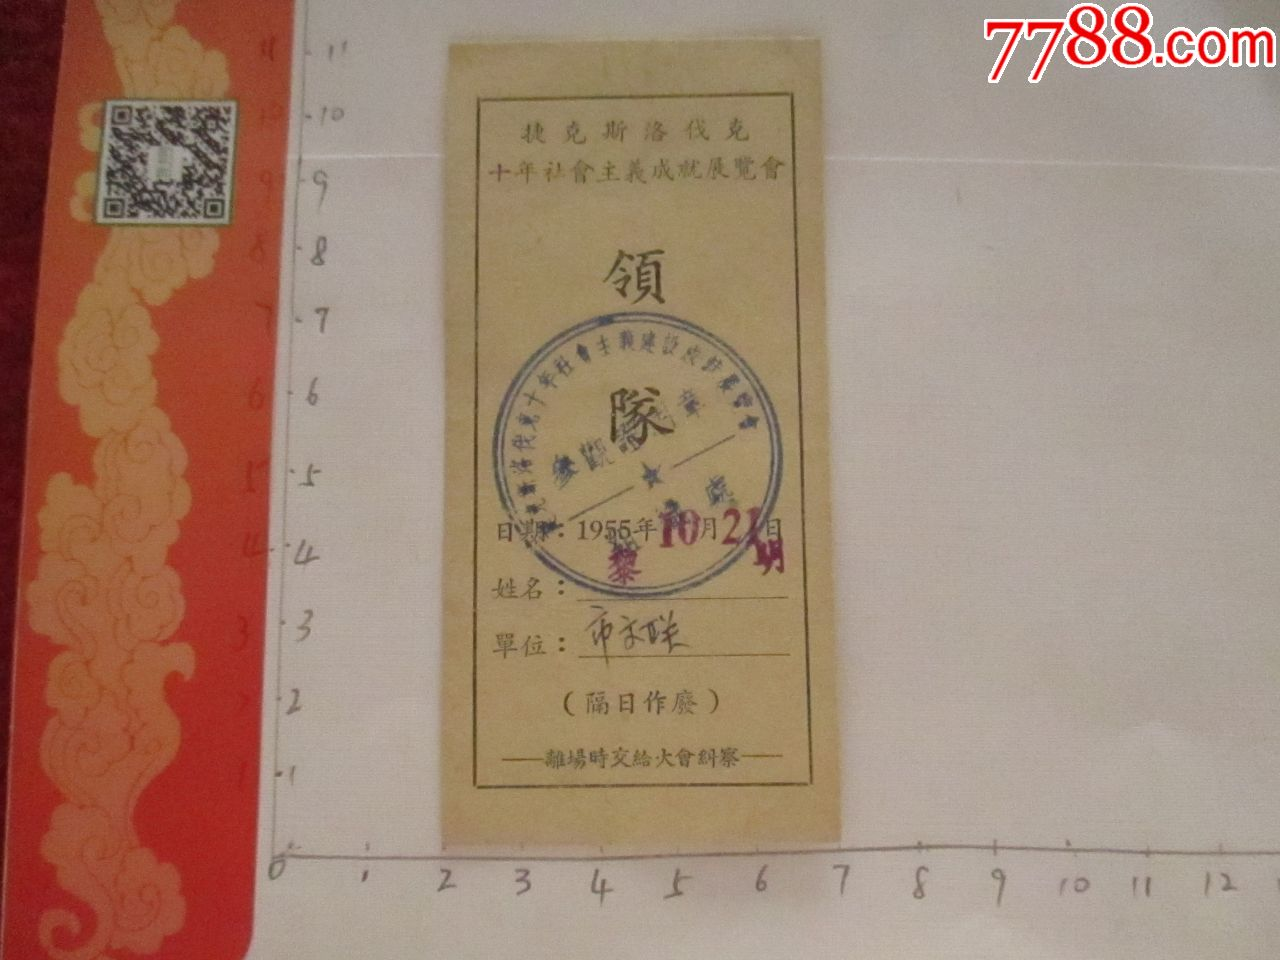 1955年捷克斯洛伐克十年社会主义成就展览会领队证(au20624237)_